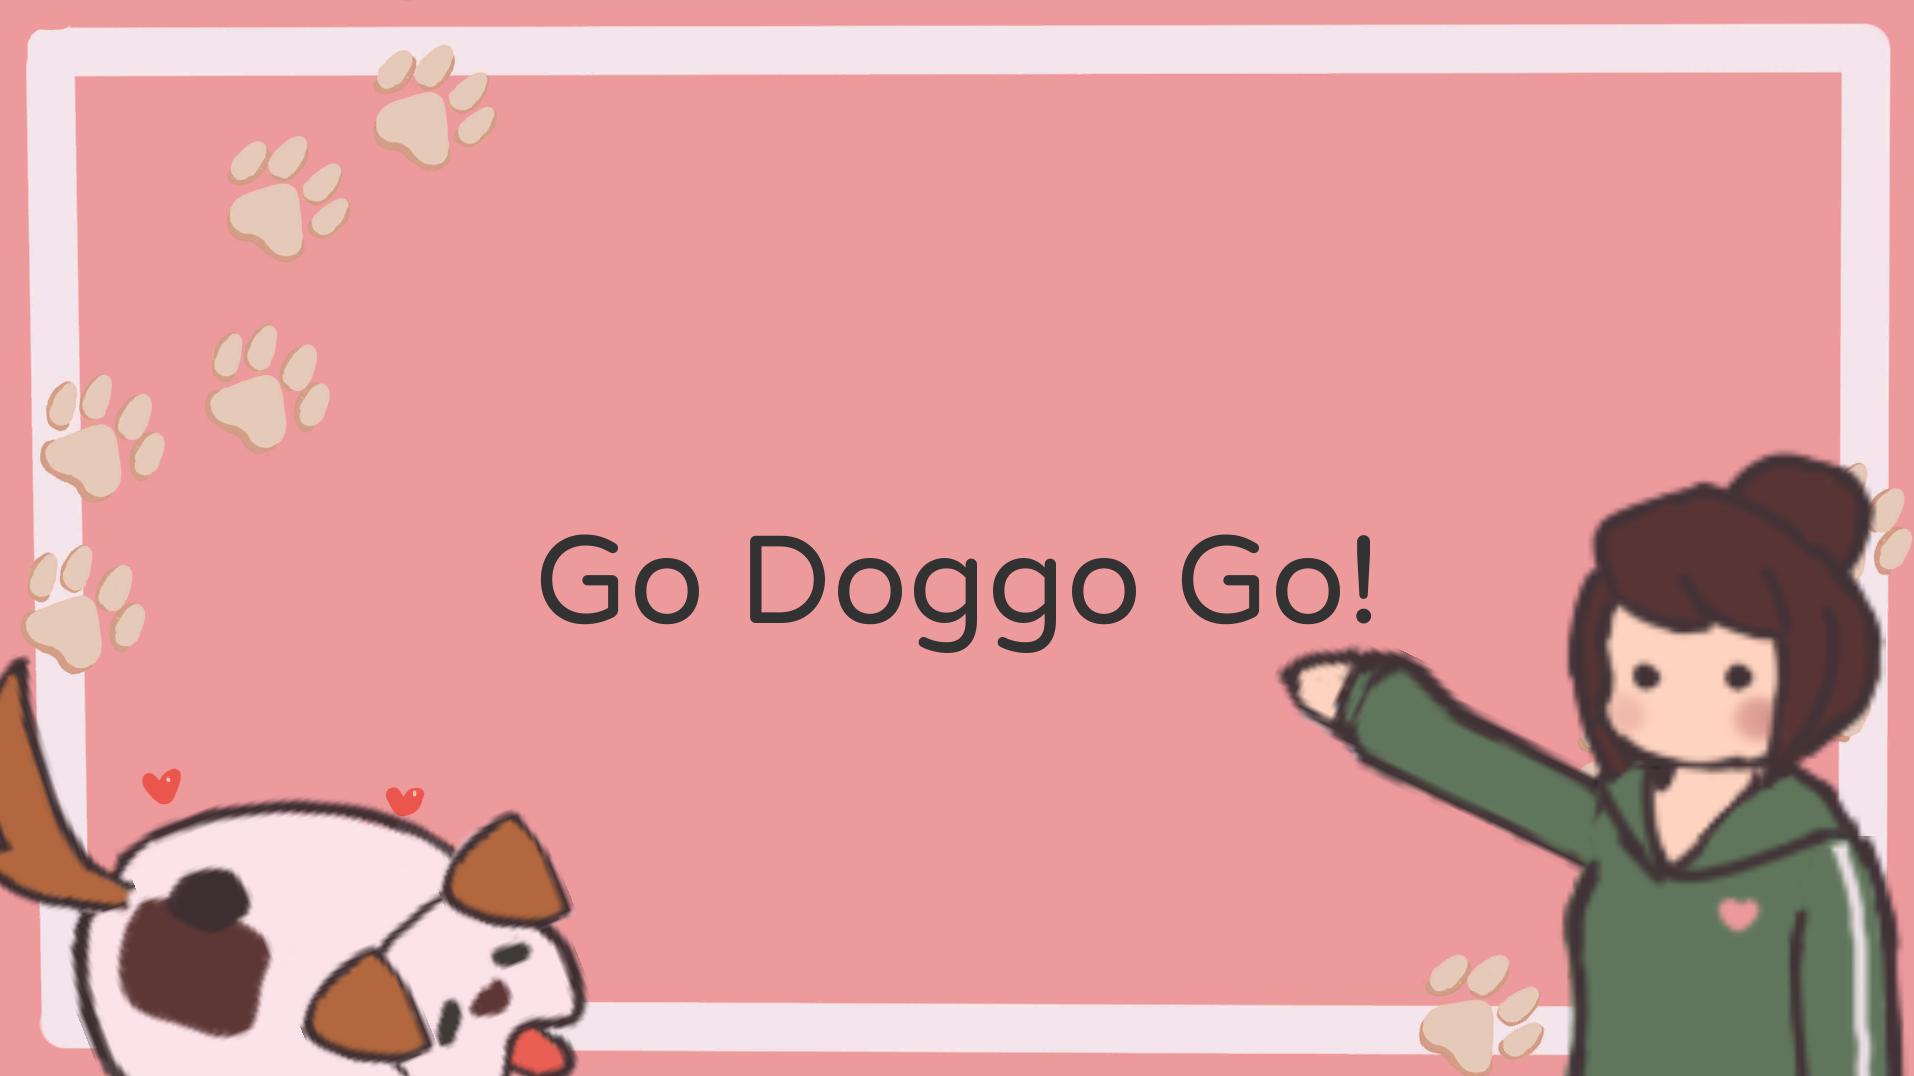 Go Doggo Go